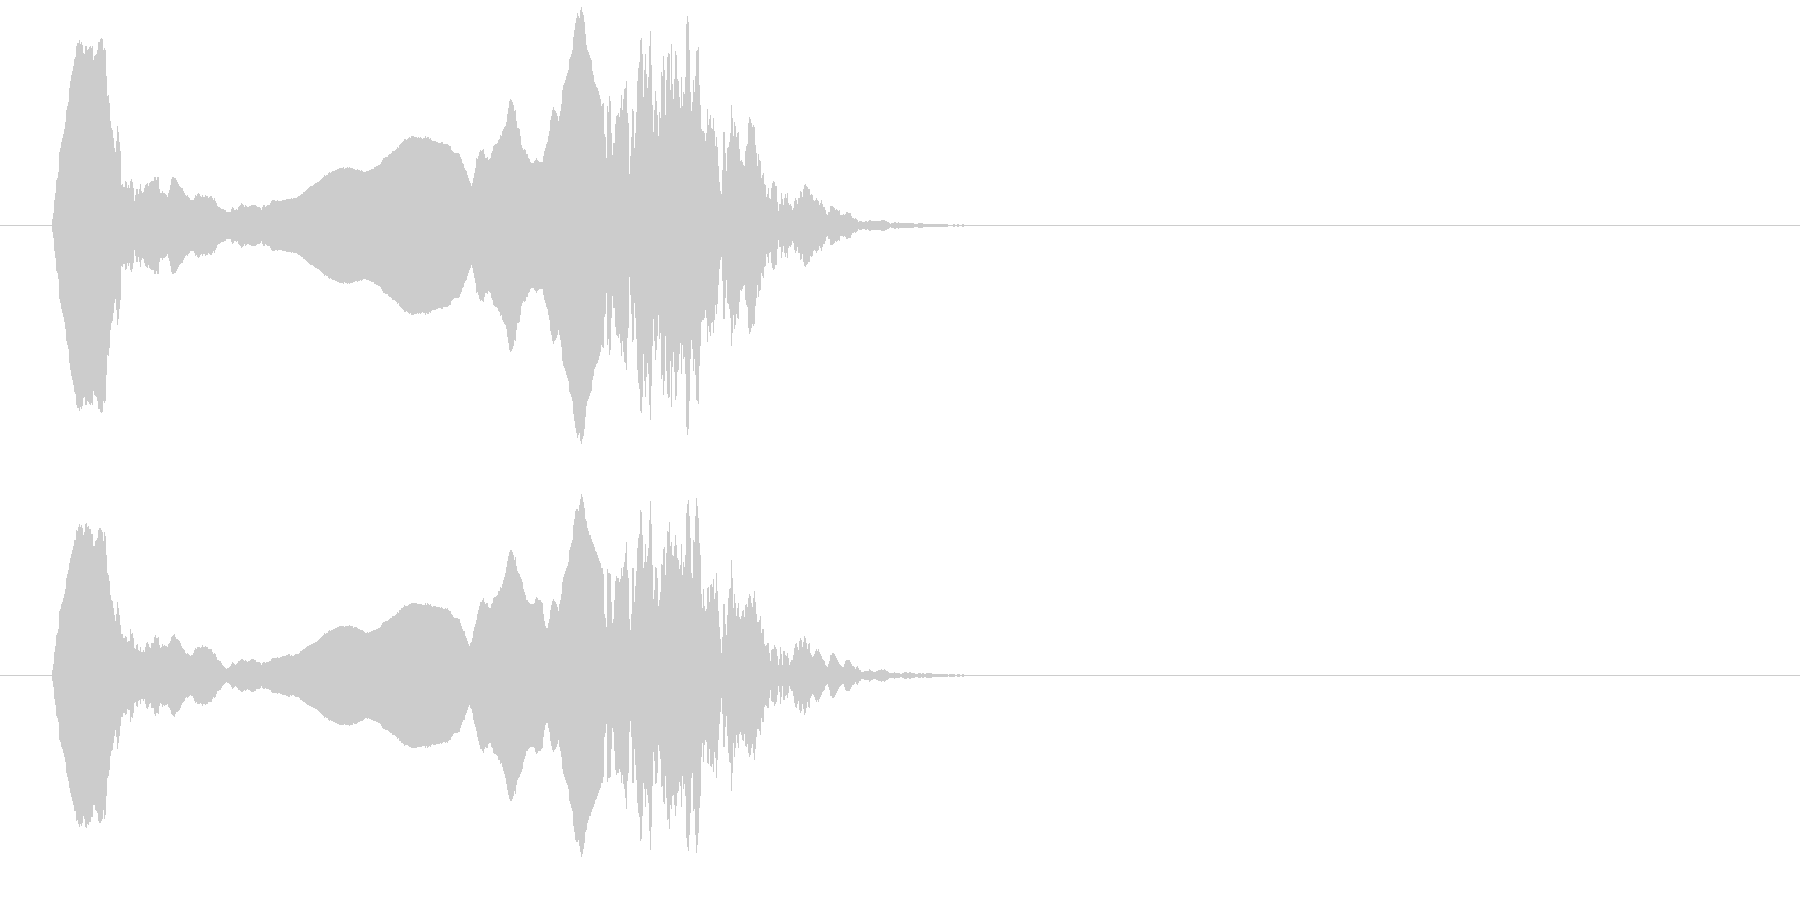 フレンチホーンモチーフ;衝撃的なモ...の未再生の波形